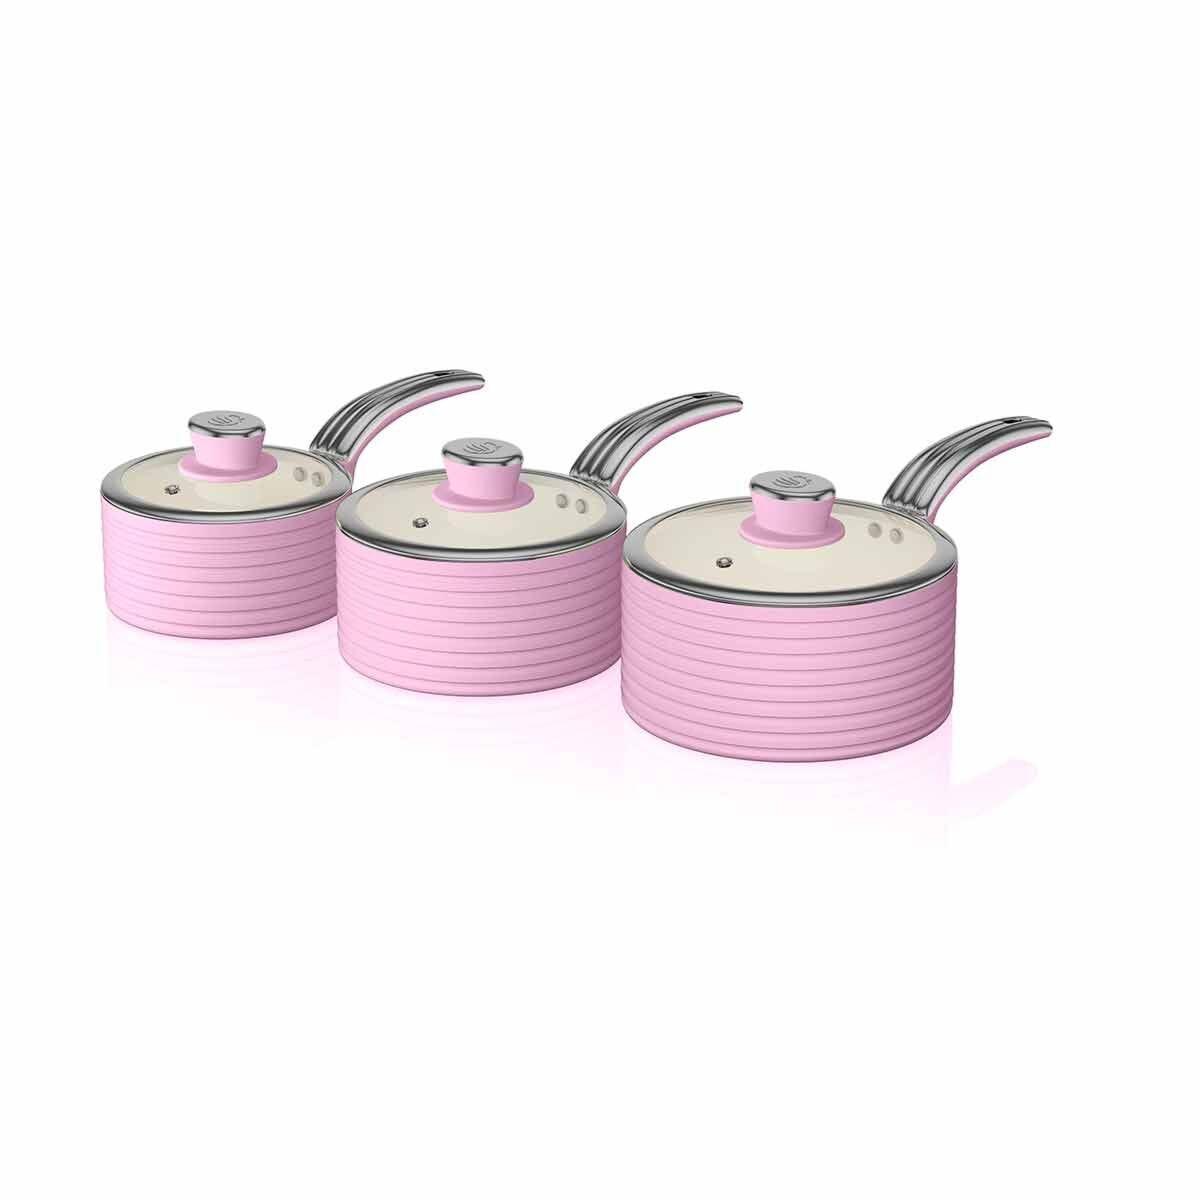 Swan Retro Saucepan Set of 3 Pink